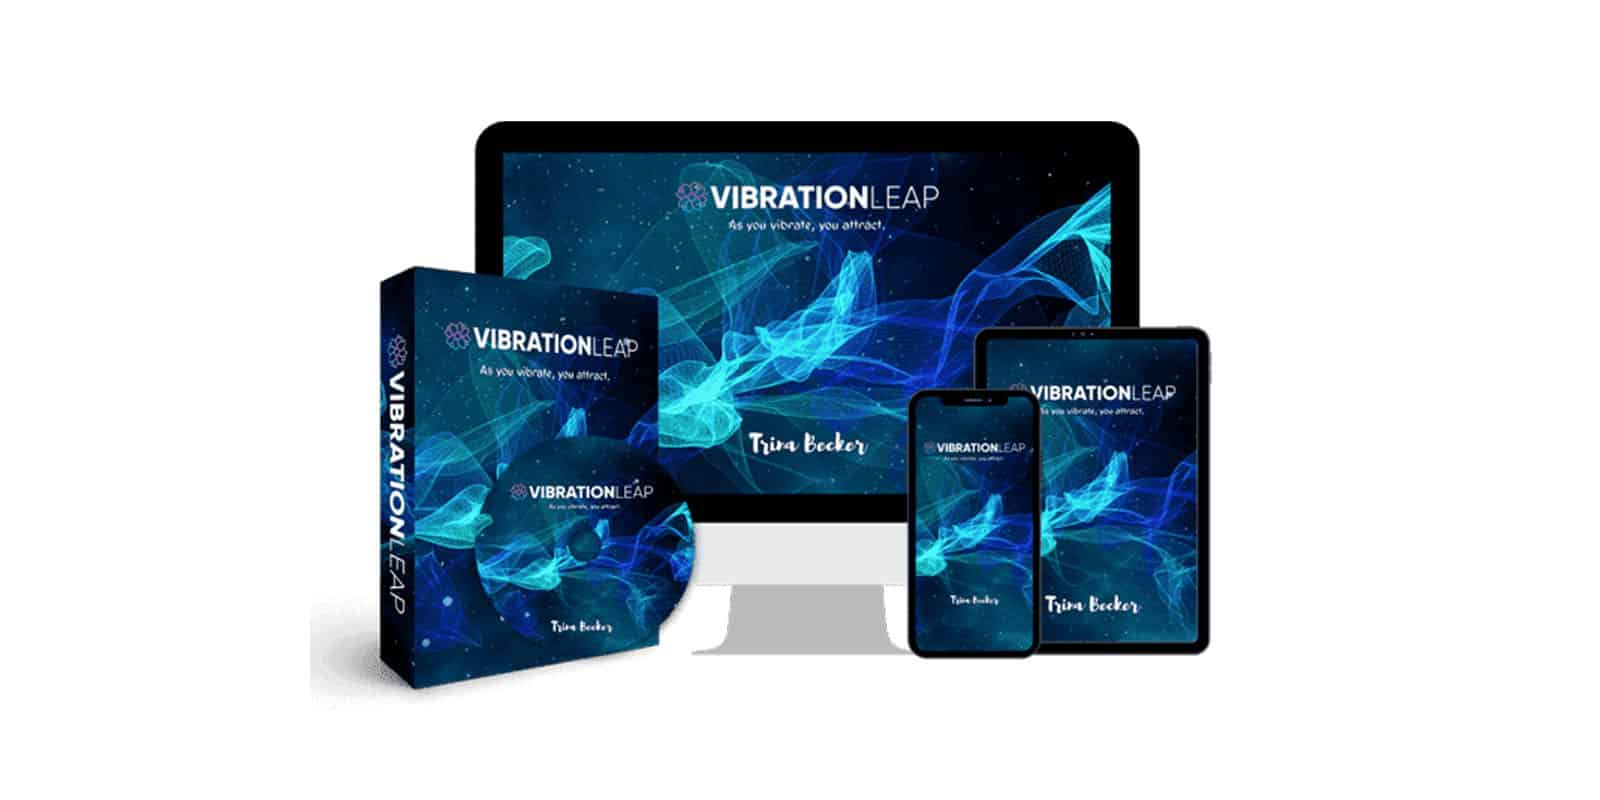 Vibration-Leap-Program-Reviews